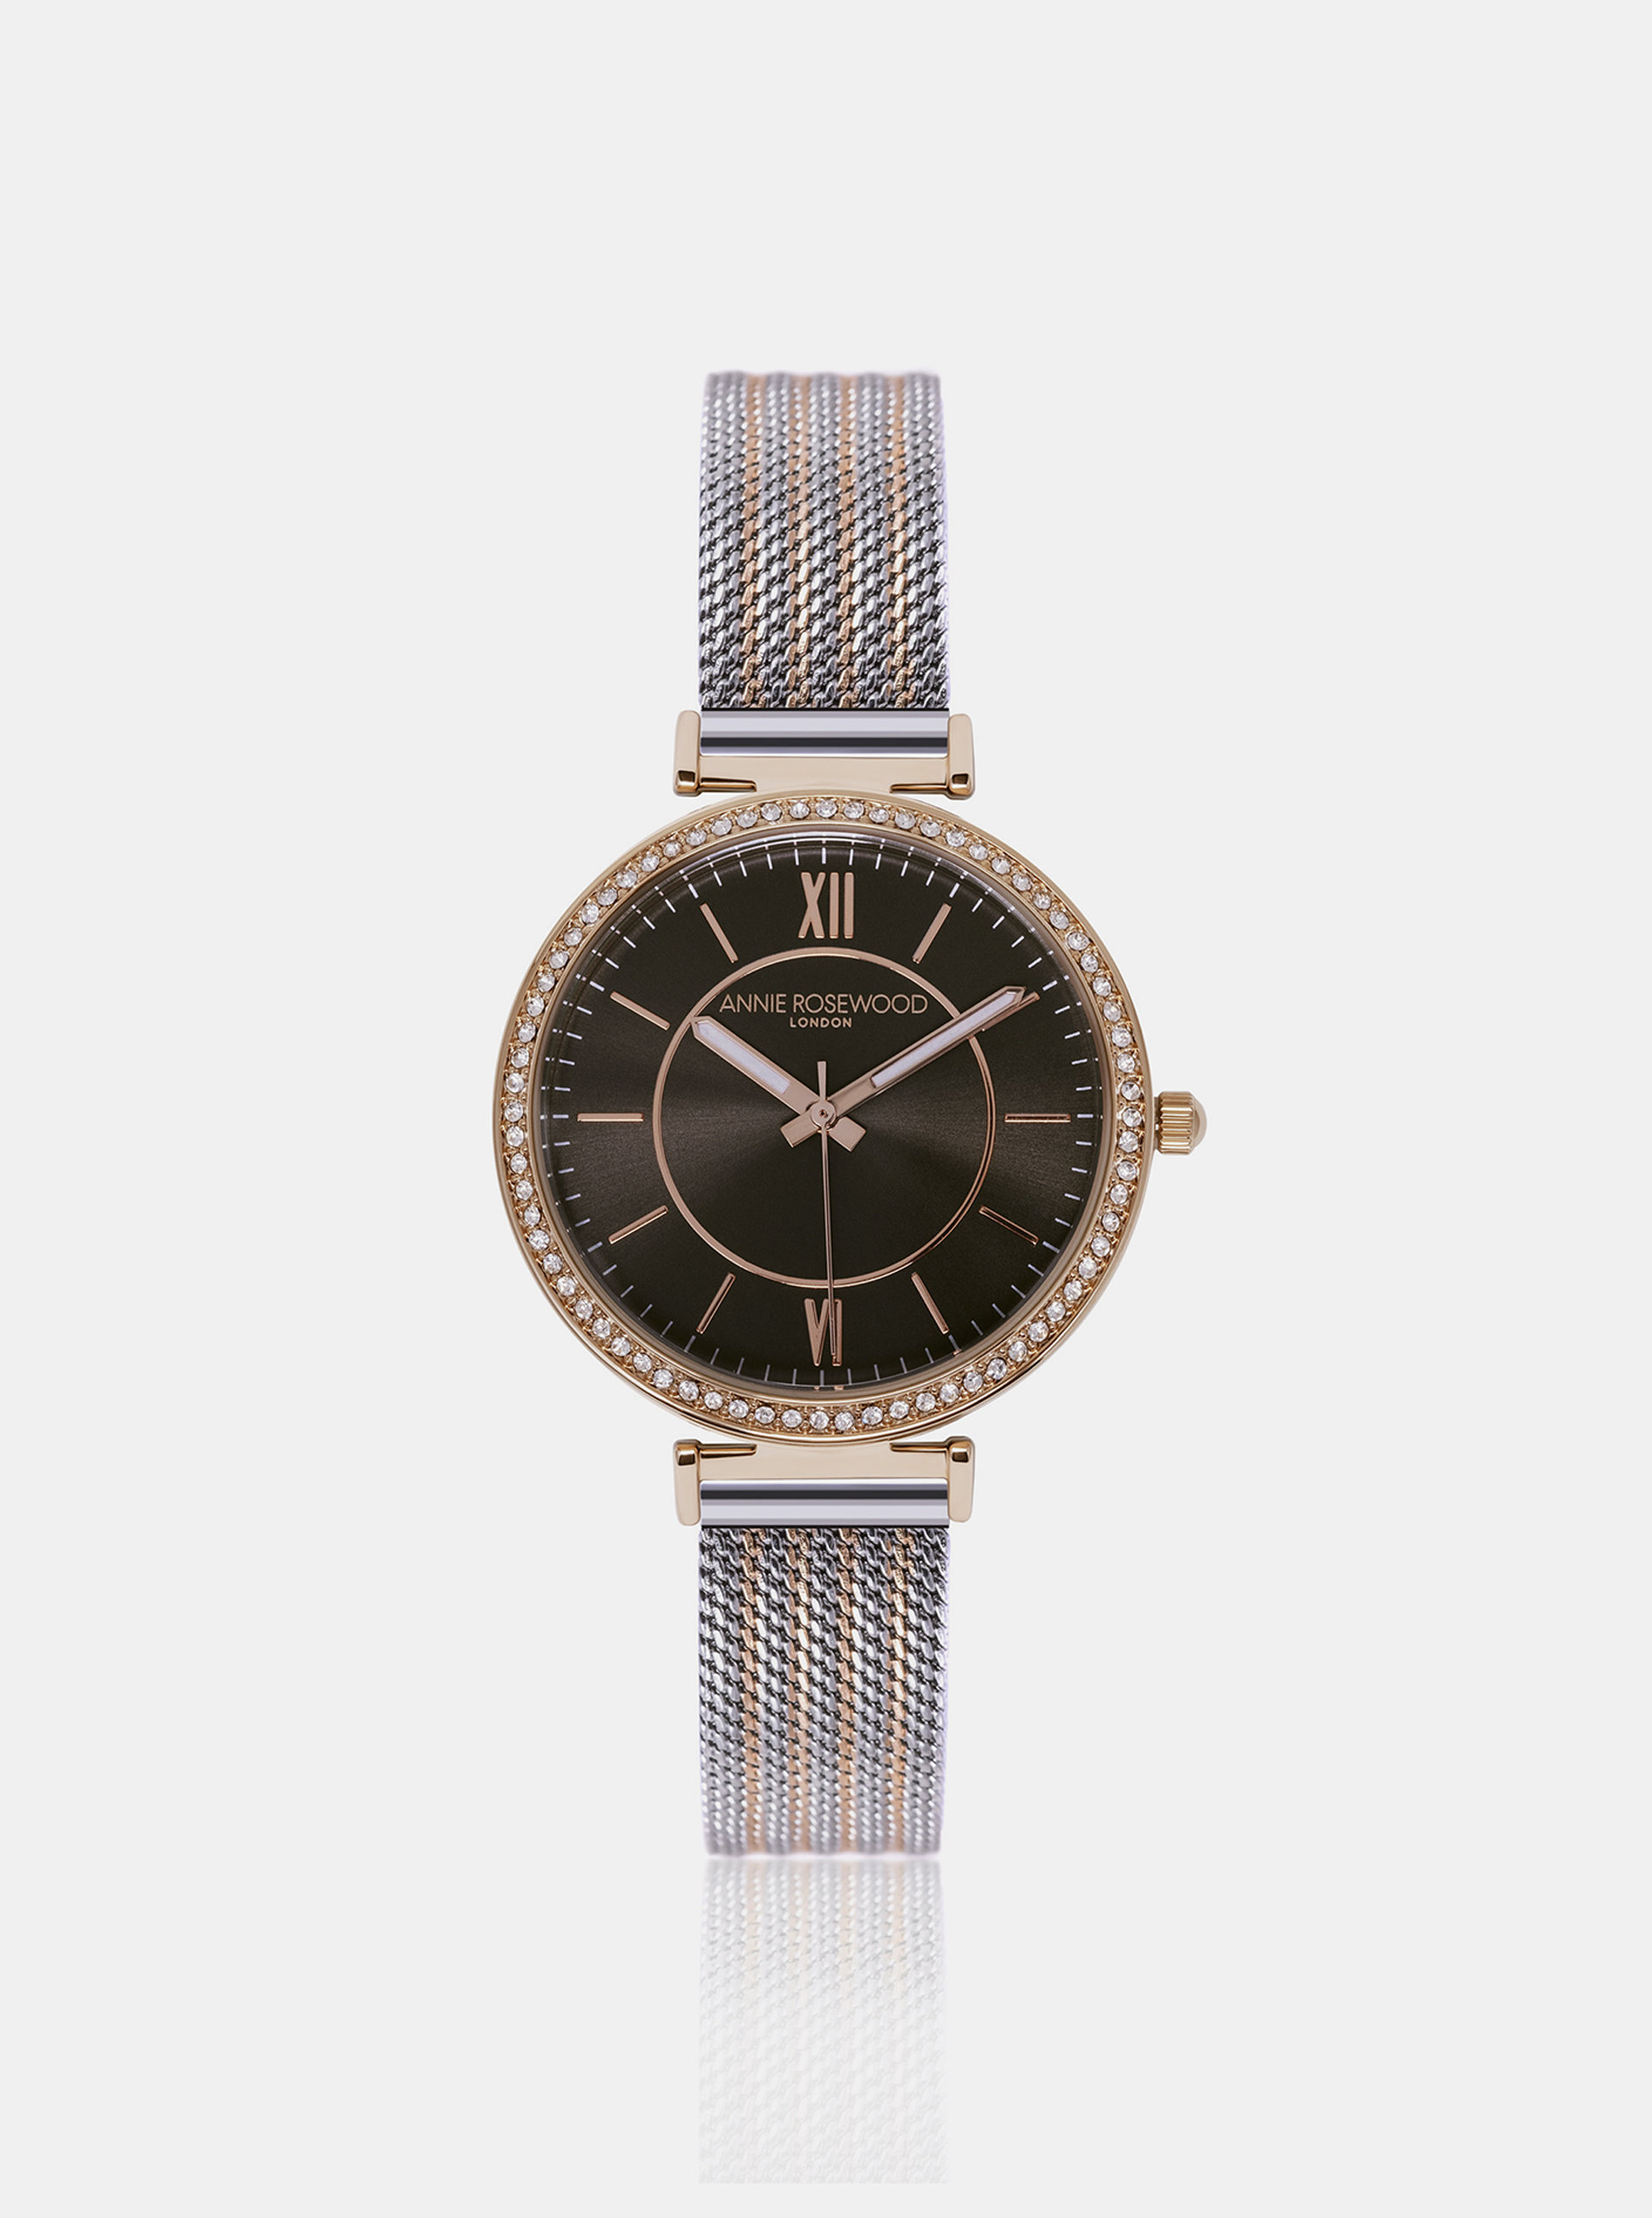 Dámské hodinky s nerezovým páskem ve zlato-stříbrné barvě Annie Rosewood